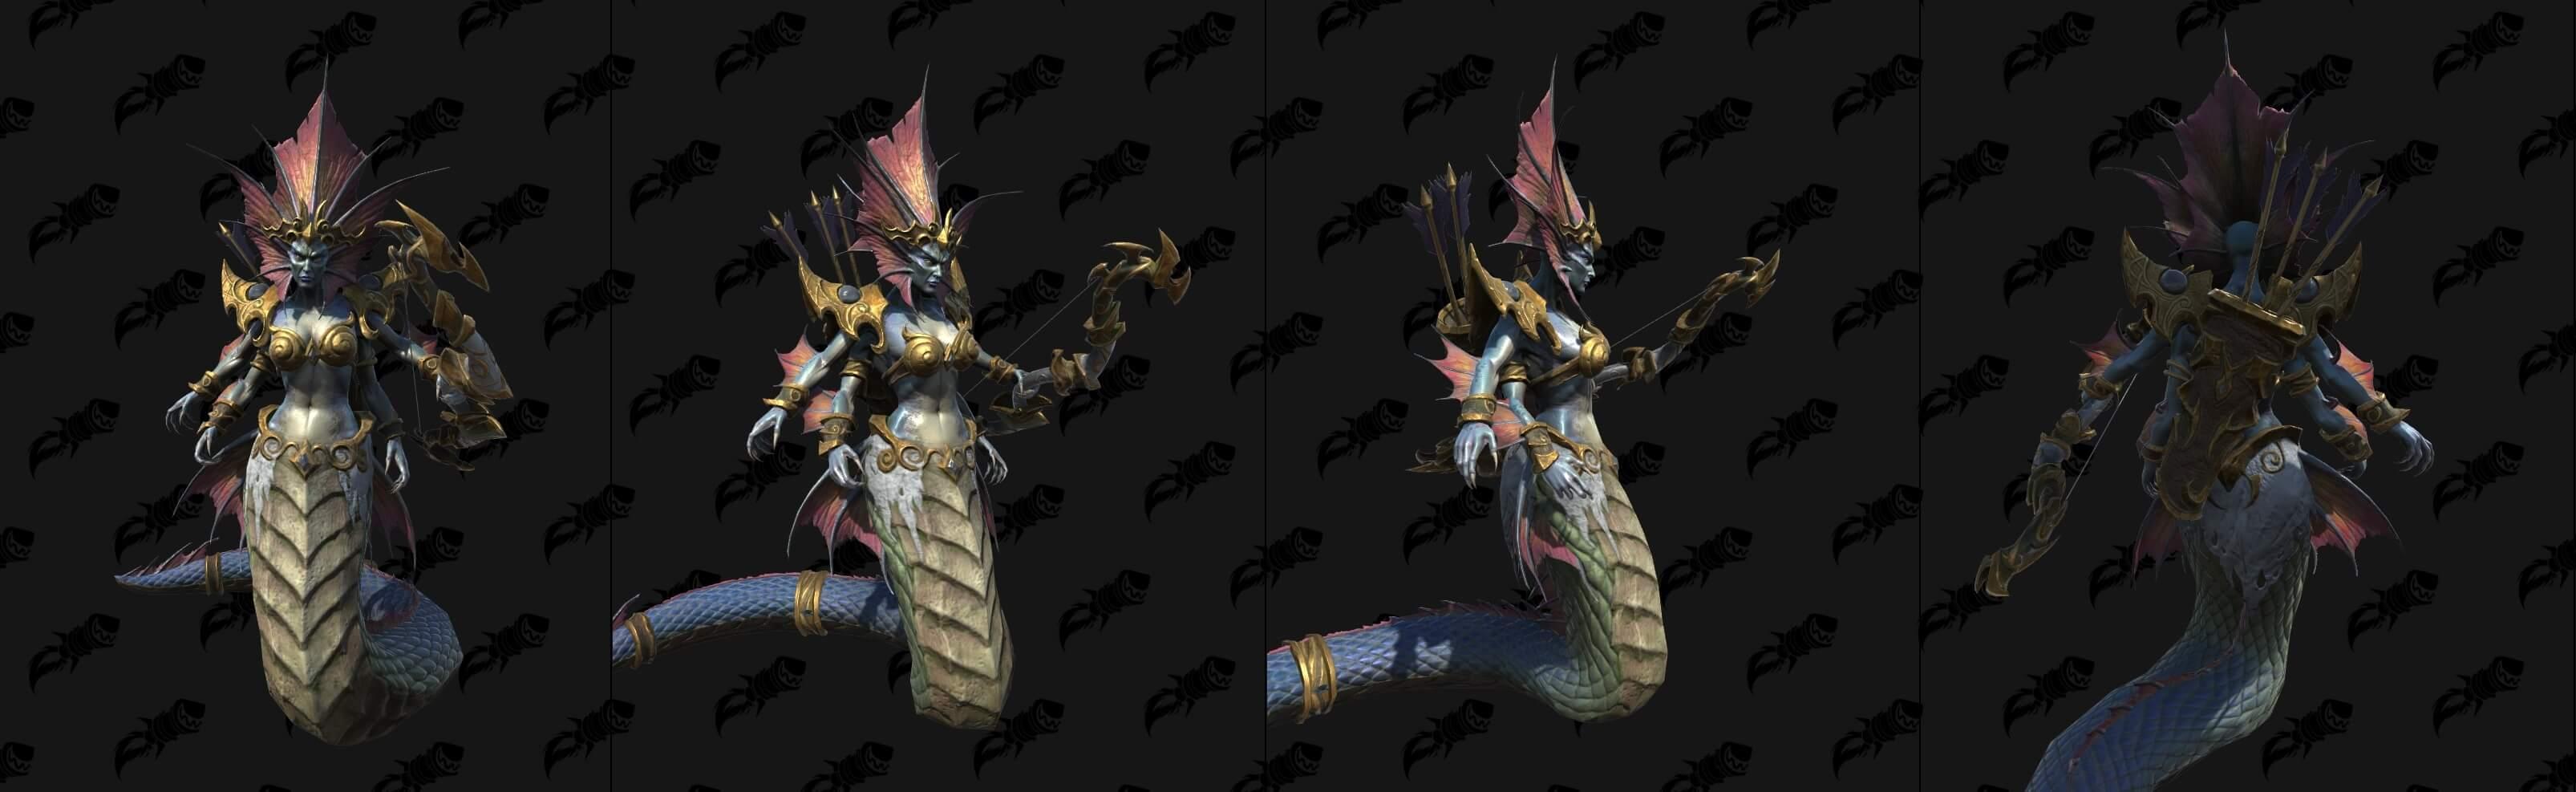 Нага-морская ведьма Warcraft lll: Reforged